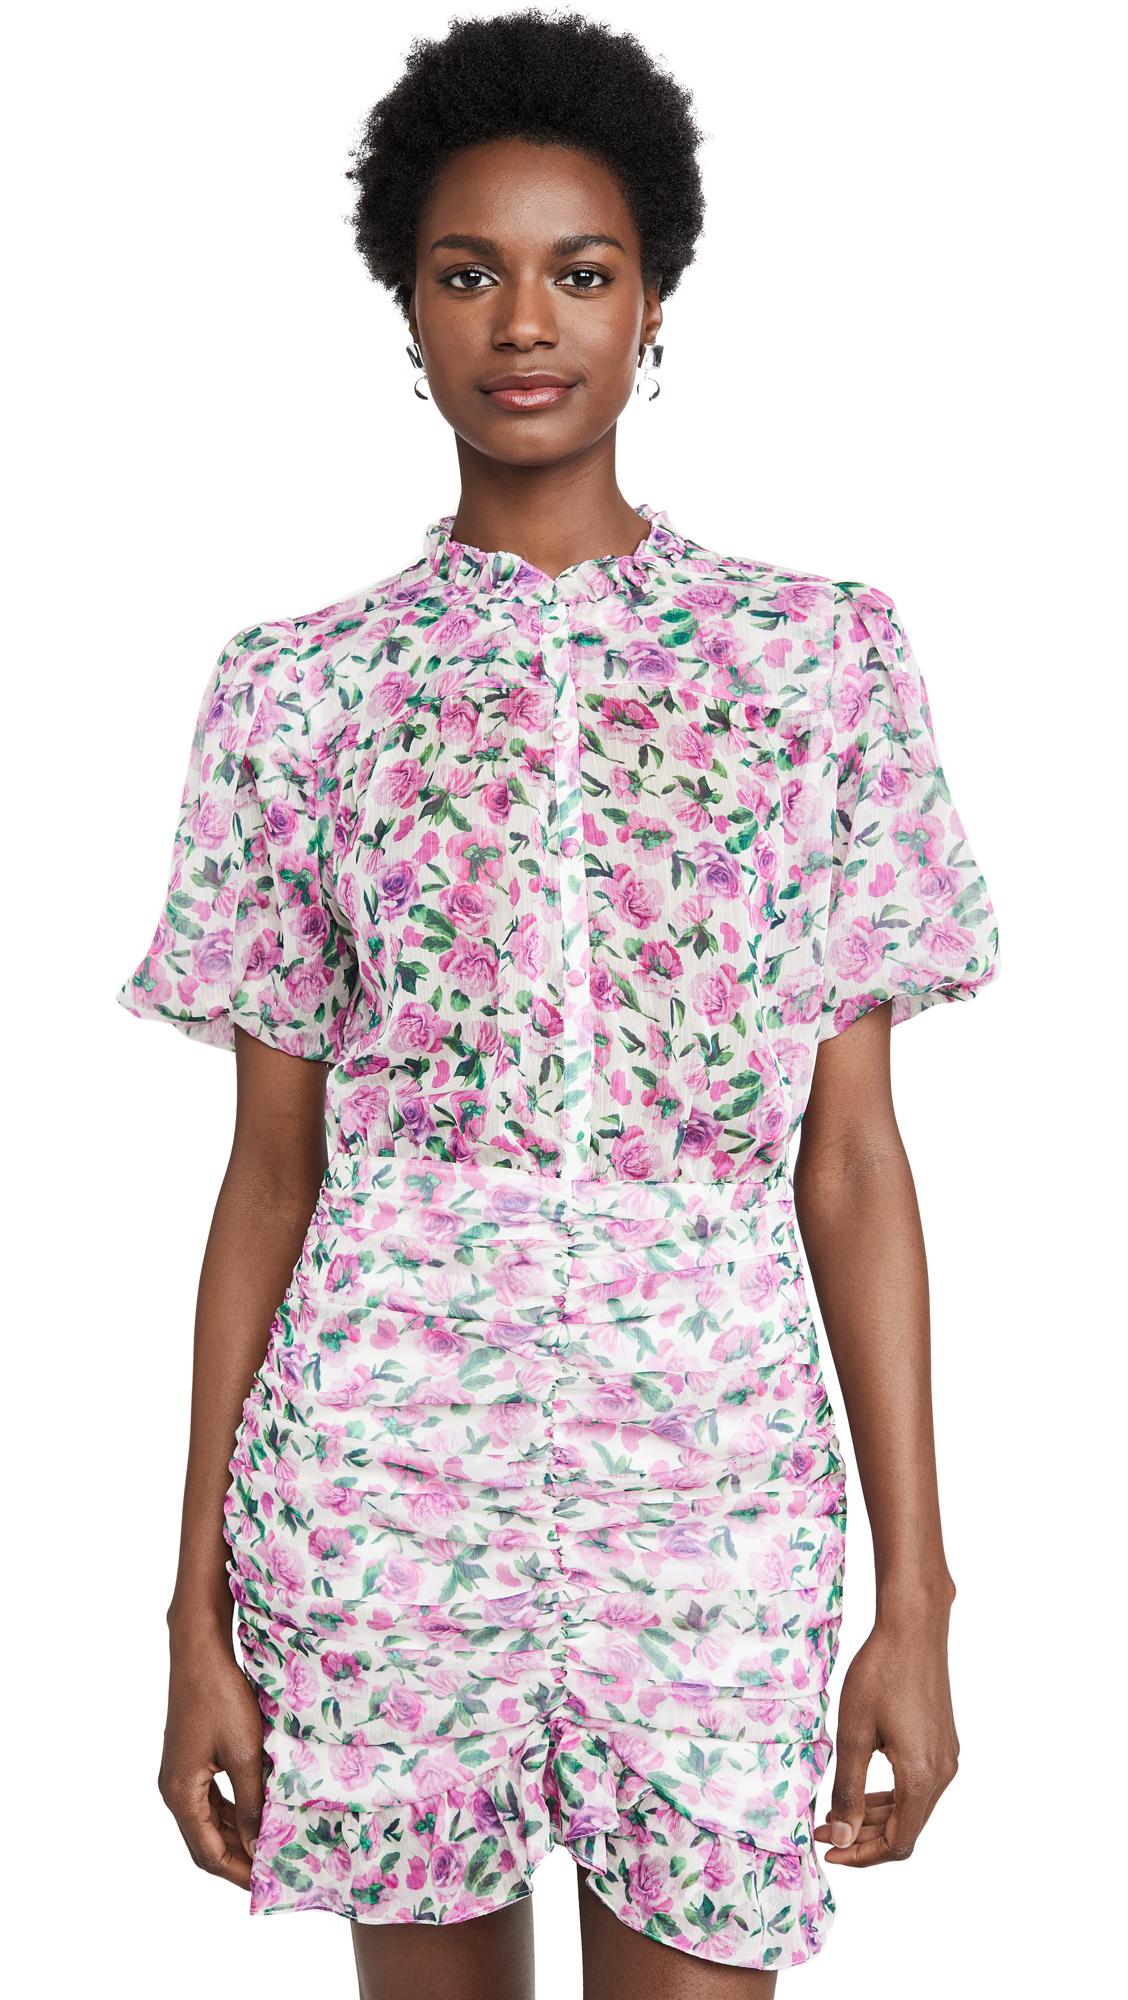 IORANE Floral Mini Dress - 50% Off Sale